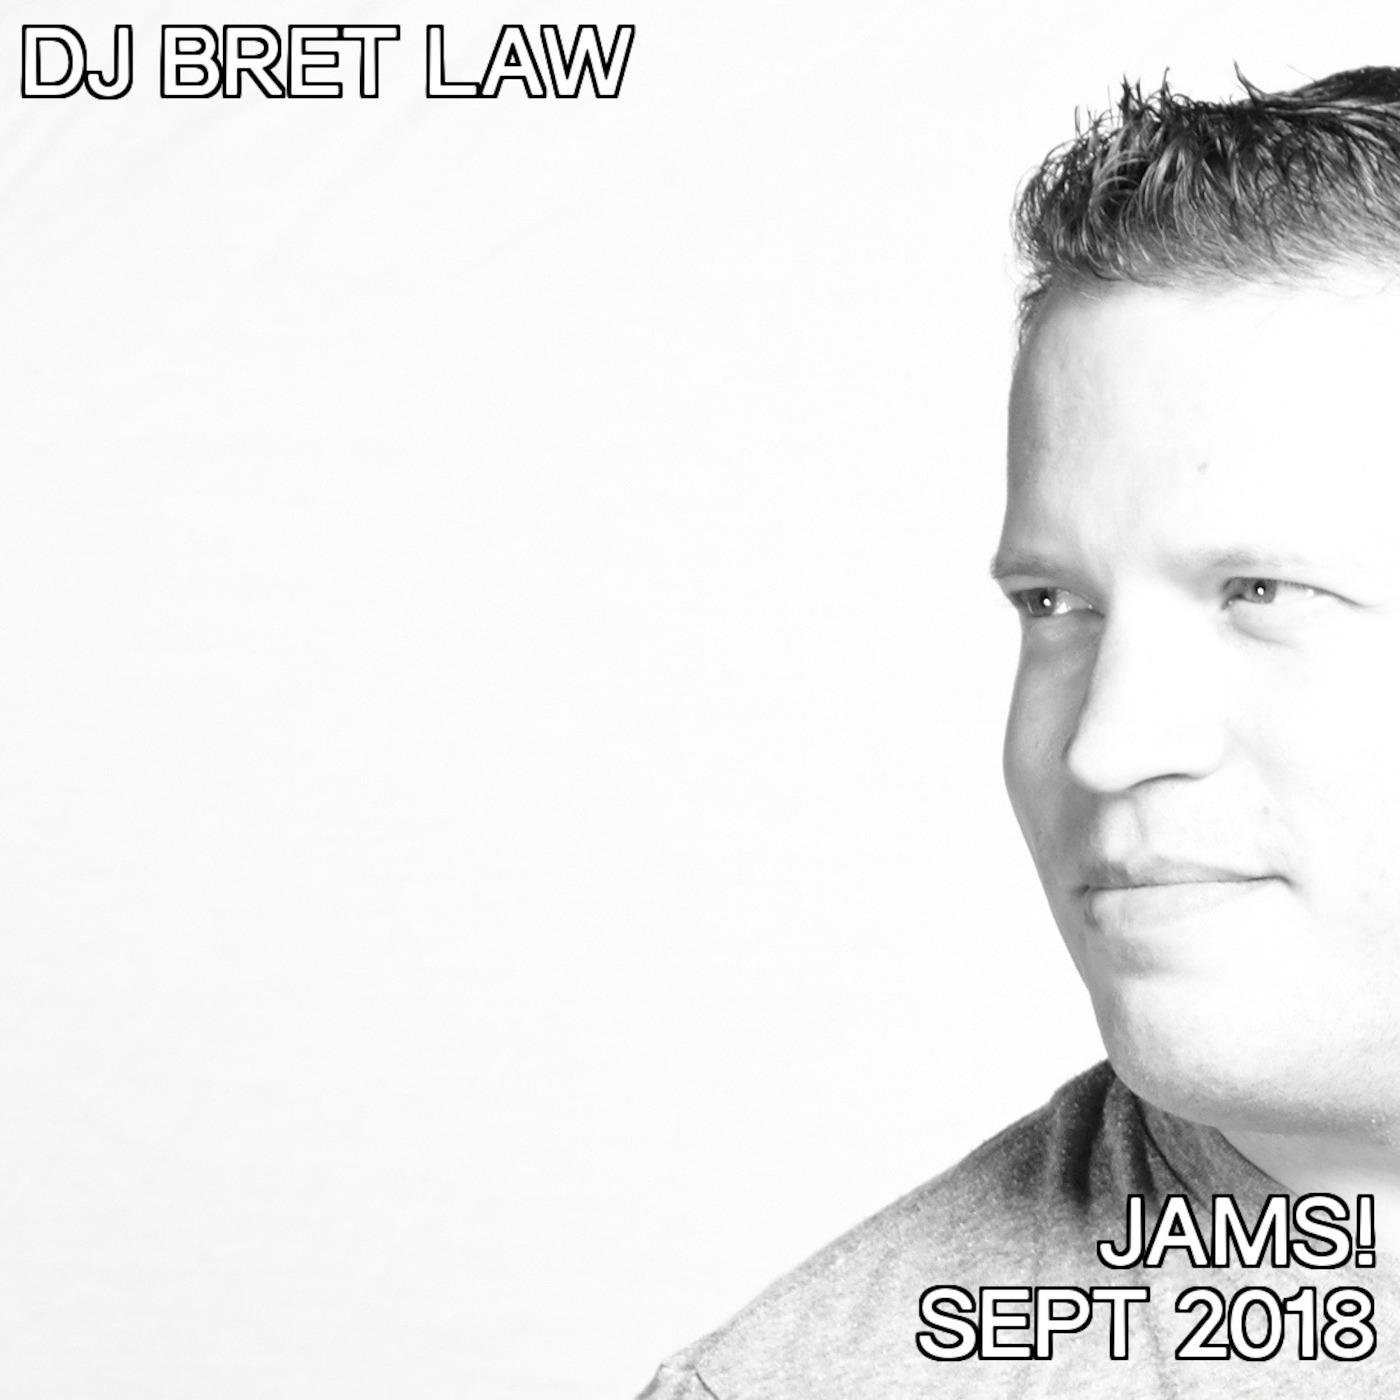 JAMS! Sept 2018 JAMS! podcast